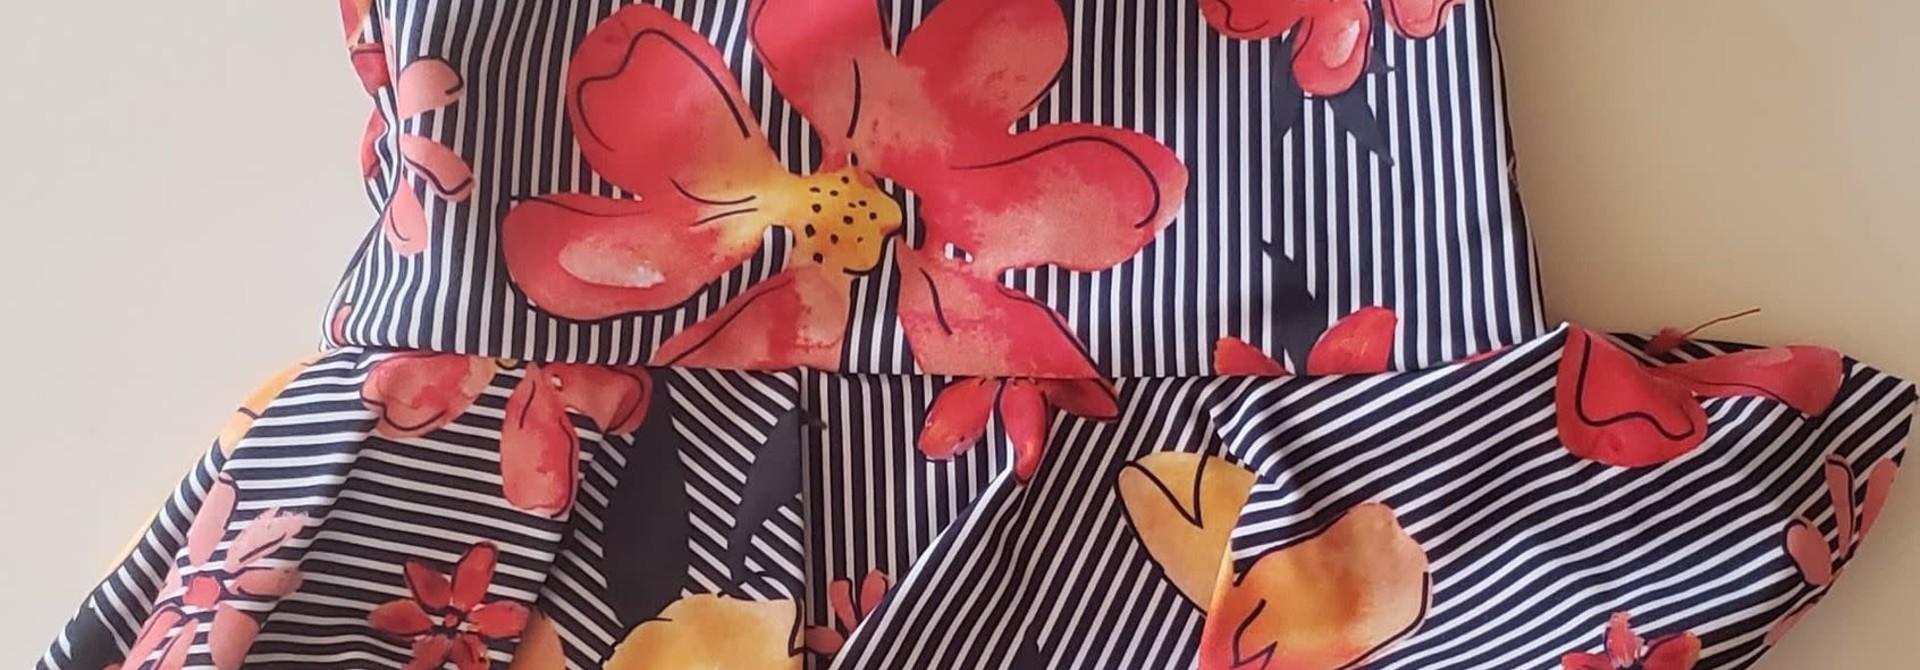 Maillot 1 pièce - Rayures fleuries